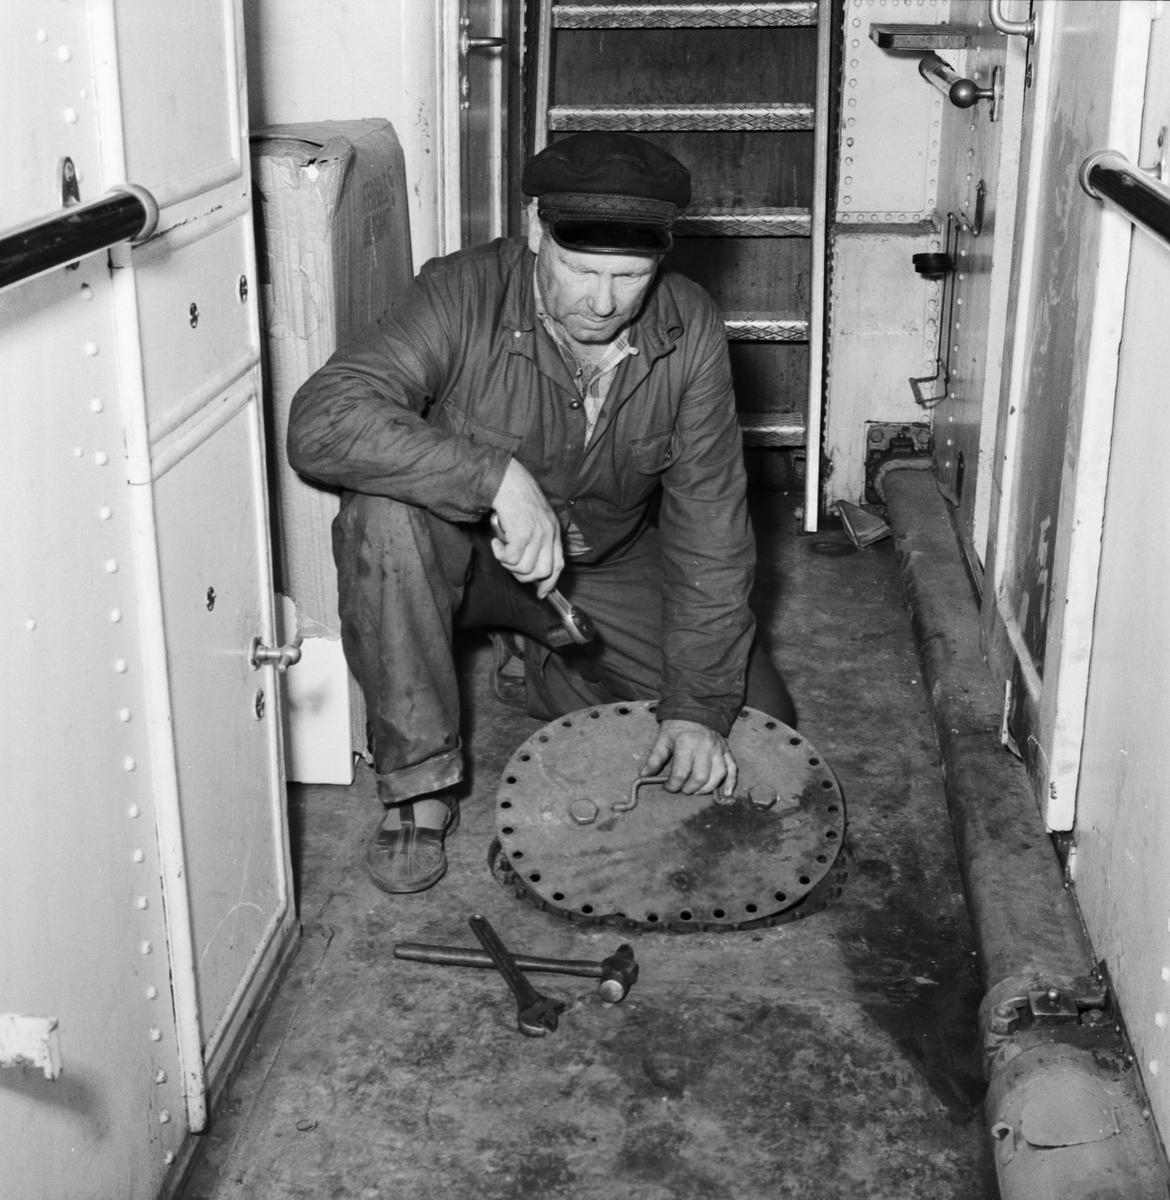 Övrigt: Foto datum: 13/8 1957 Byggnader och kranar Utrustningsverkstan arbete ombord